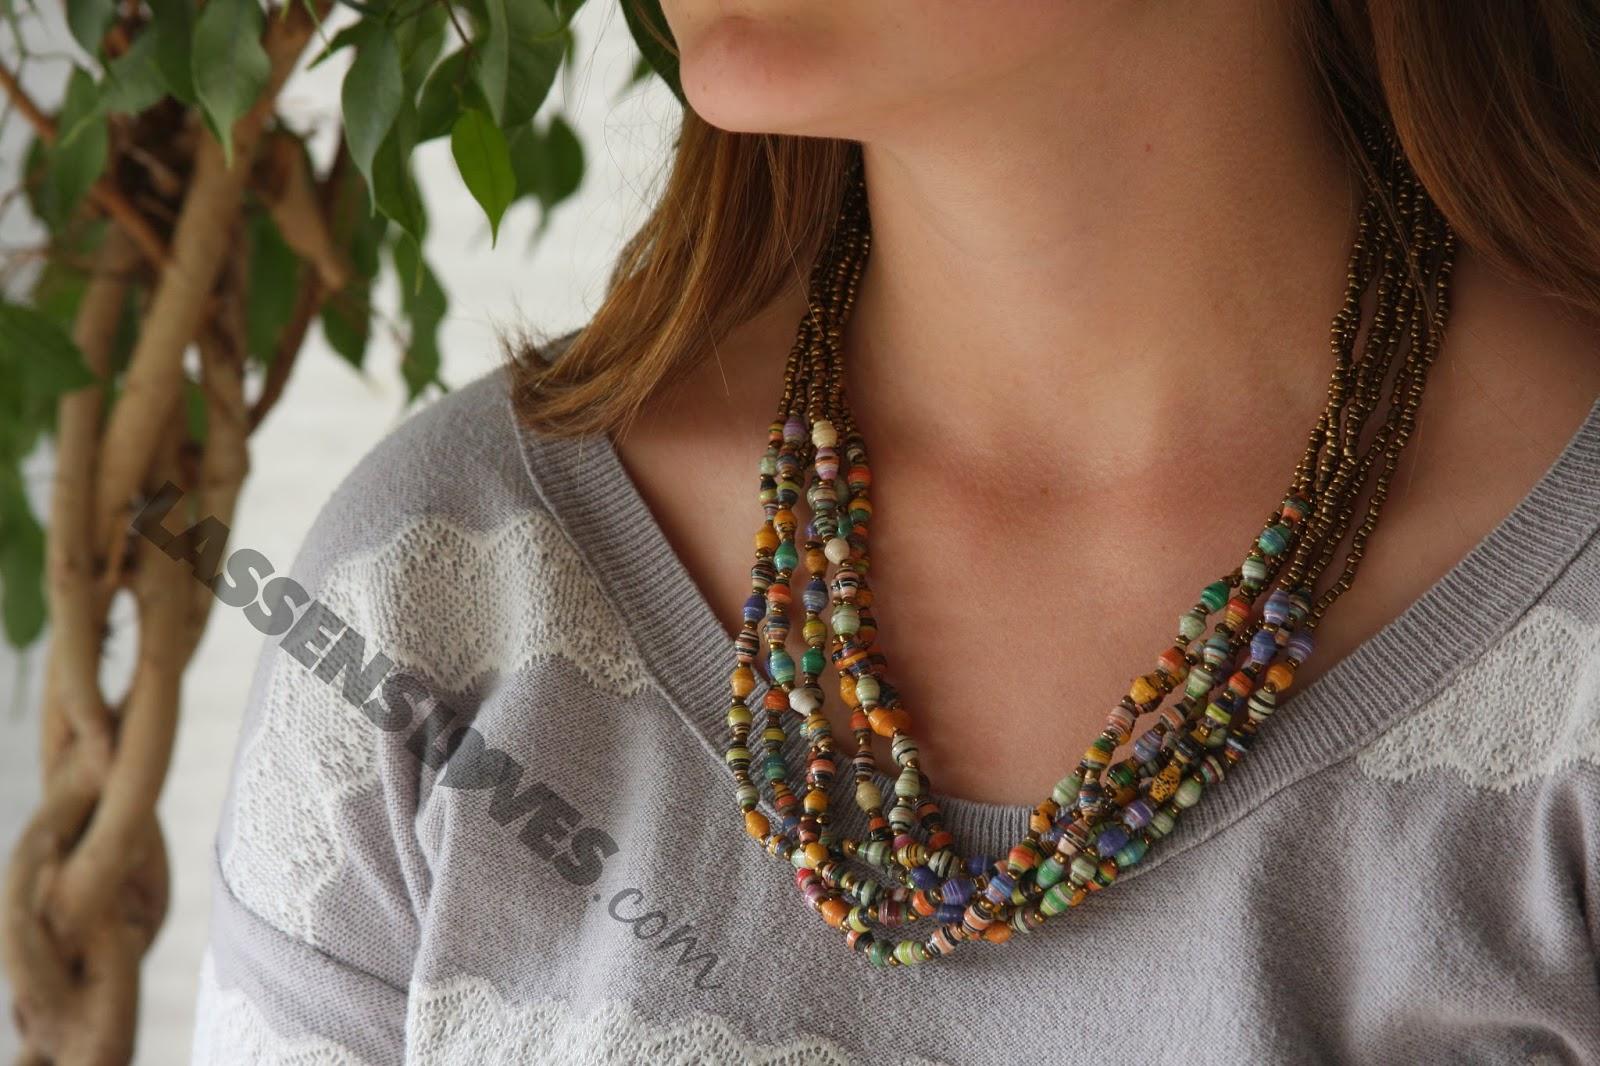 stocking+stuffers, paper+beads, Ugandan+beads, Gulu+beads